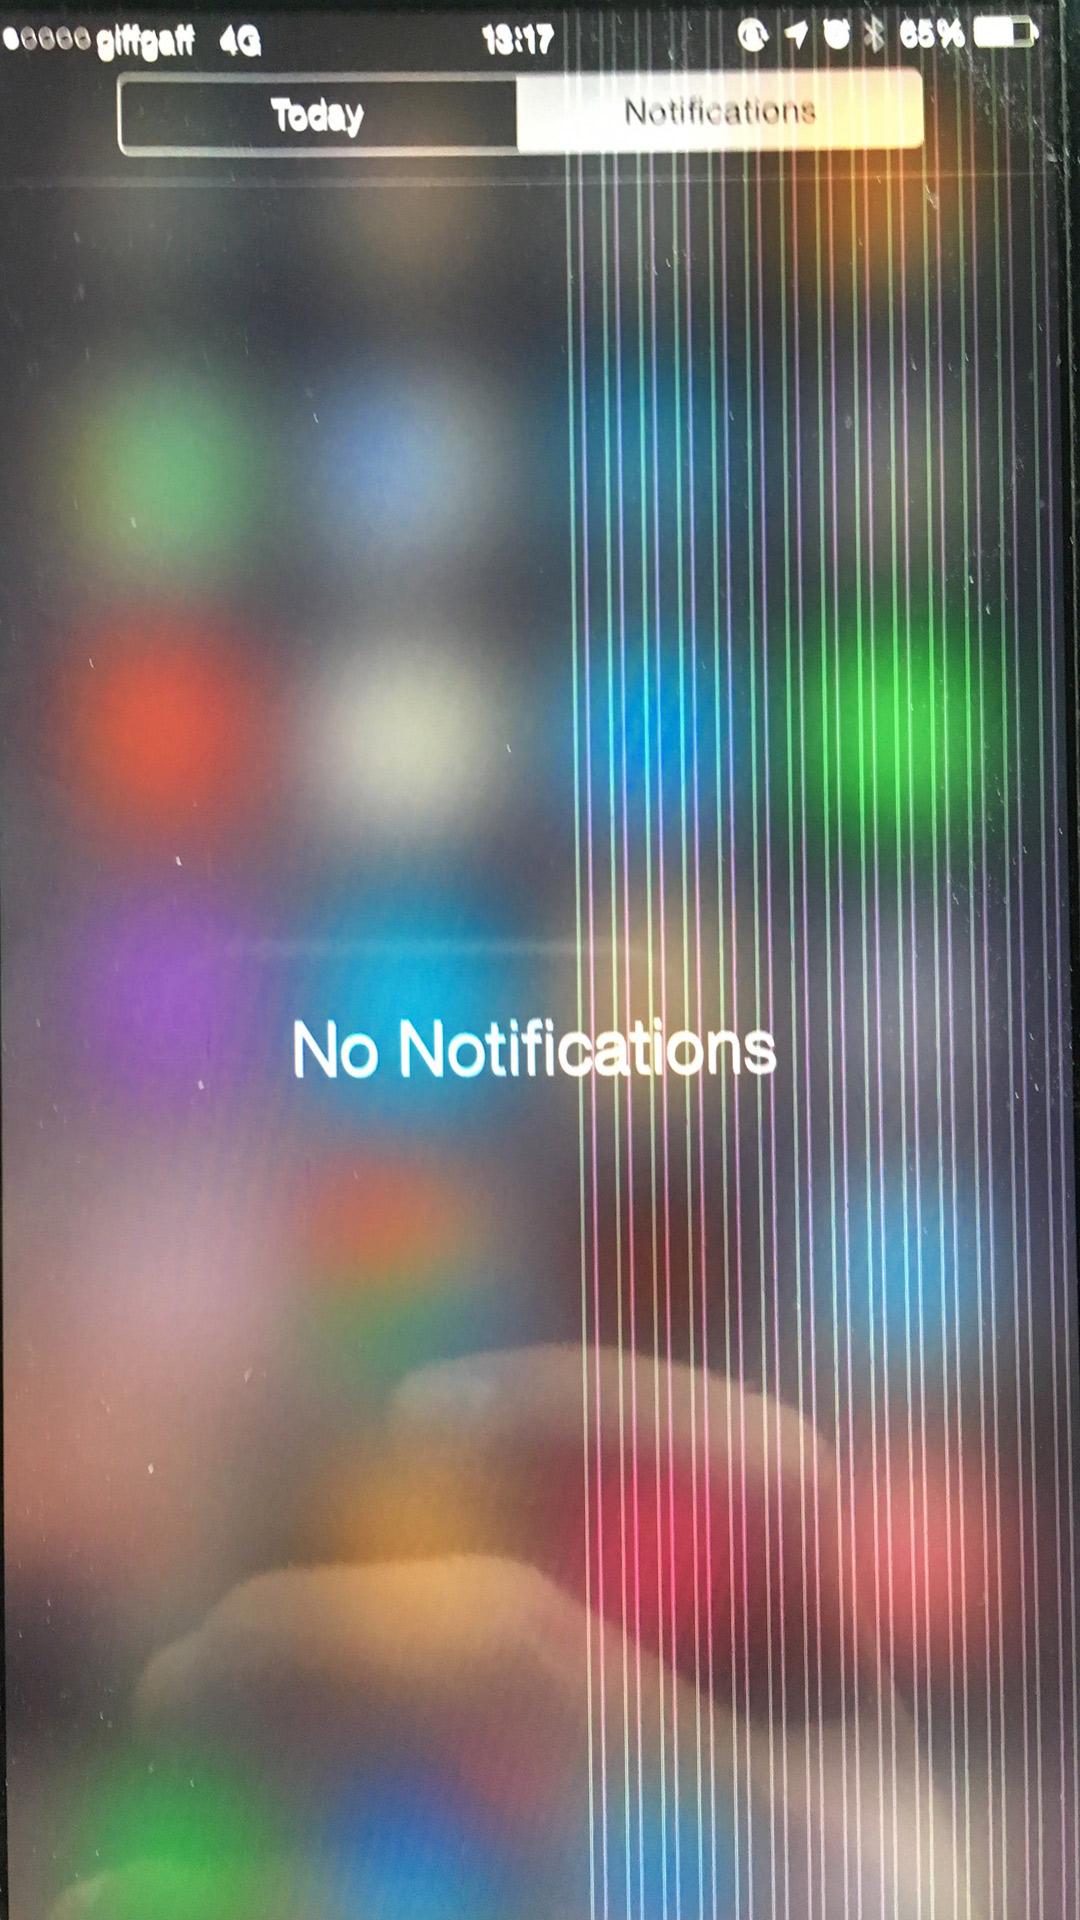 Iphone 6 Plus Defective Screen Wallpaper Iphone 6 plus defective screen wallpaper